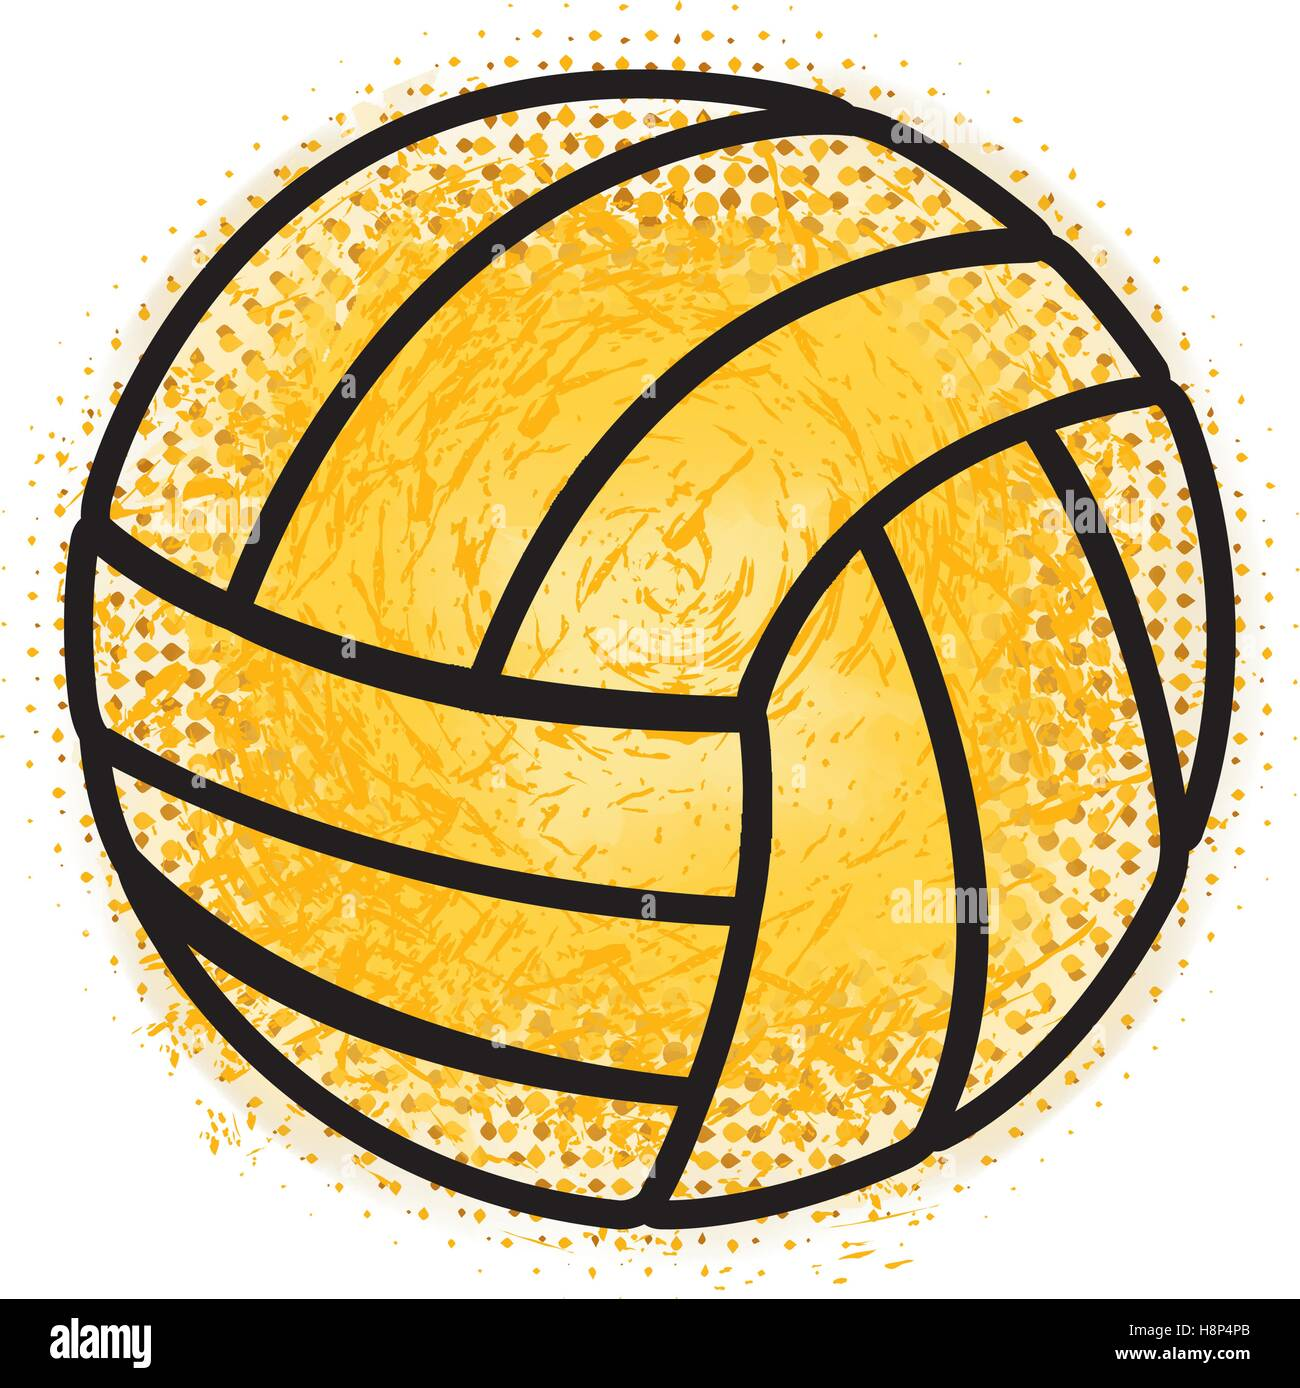 Balón de voleibol deporte icono diseño ilustración vectorial Imagen De Stock 880a0e48ebf36